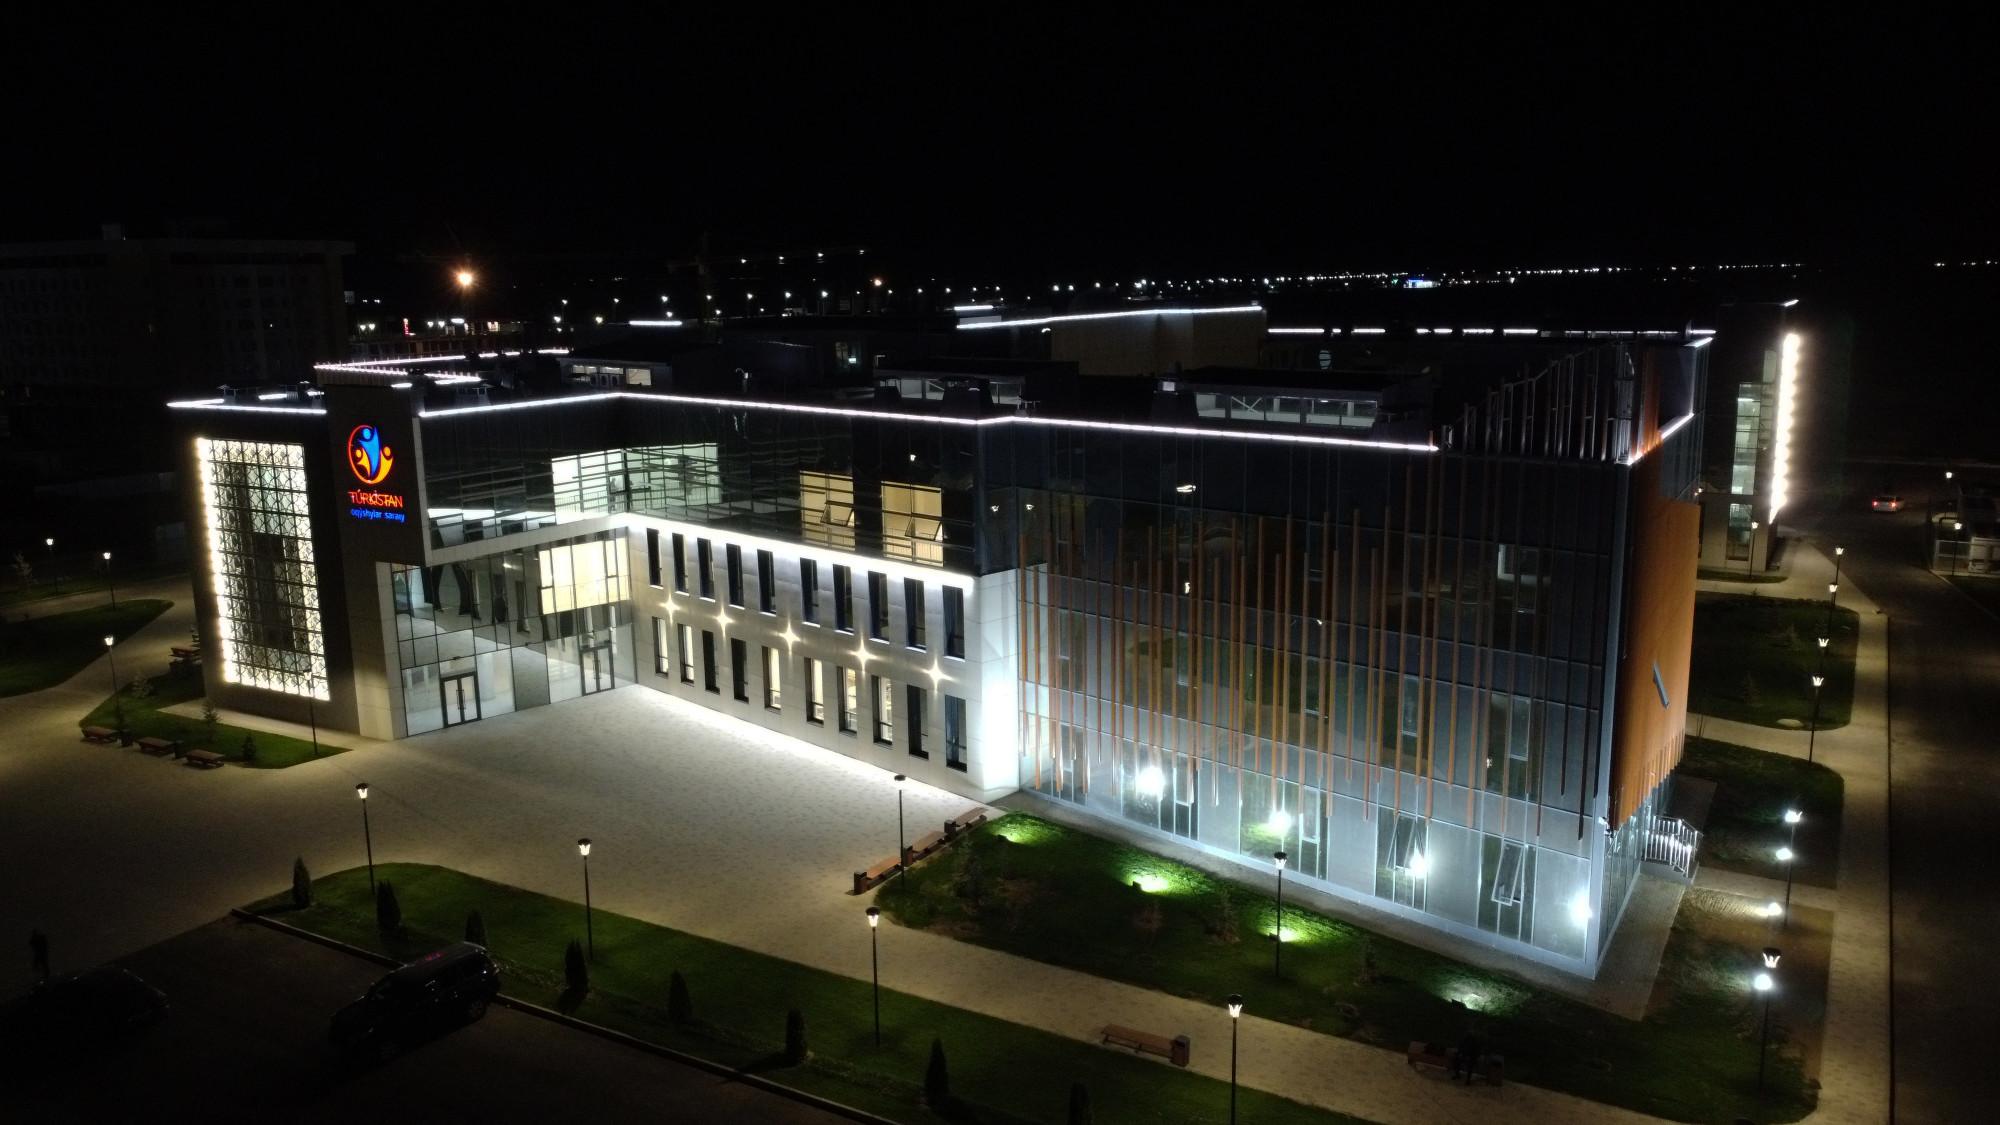 Түркістан қаласындағы Оқушылар сарайы | Әлеуметік объектілер | АО  «Samruk-Kazyna Construction»